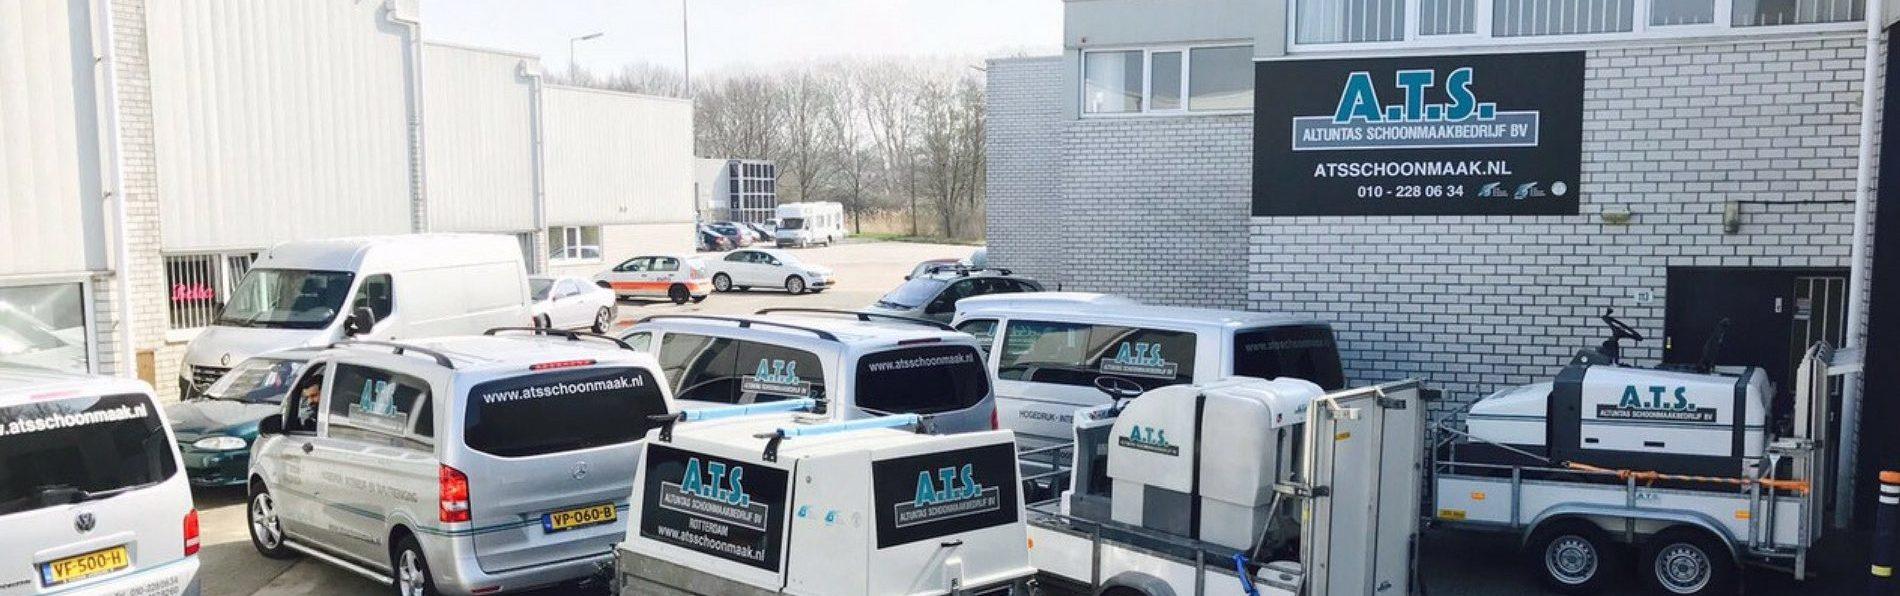 ats-schoonmaak-aalsmeer-footer